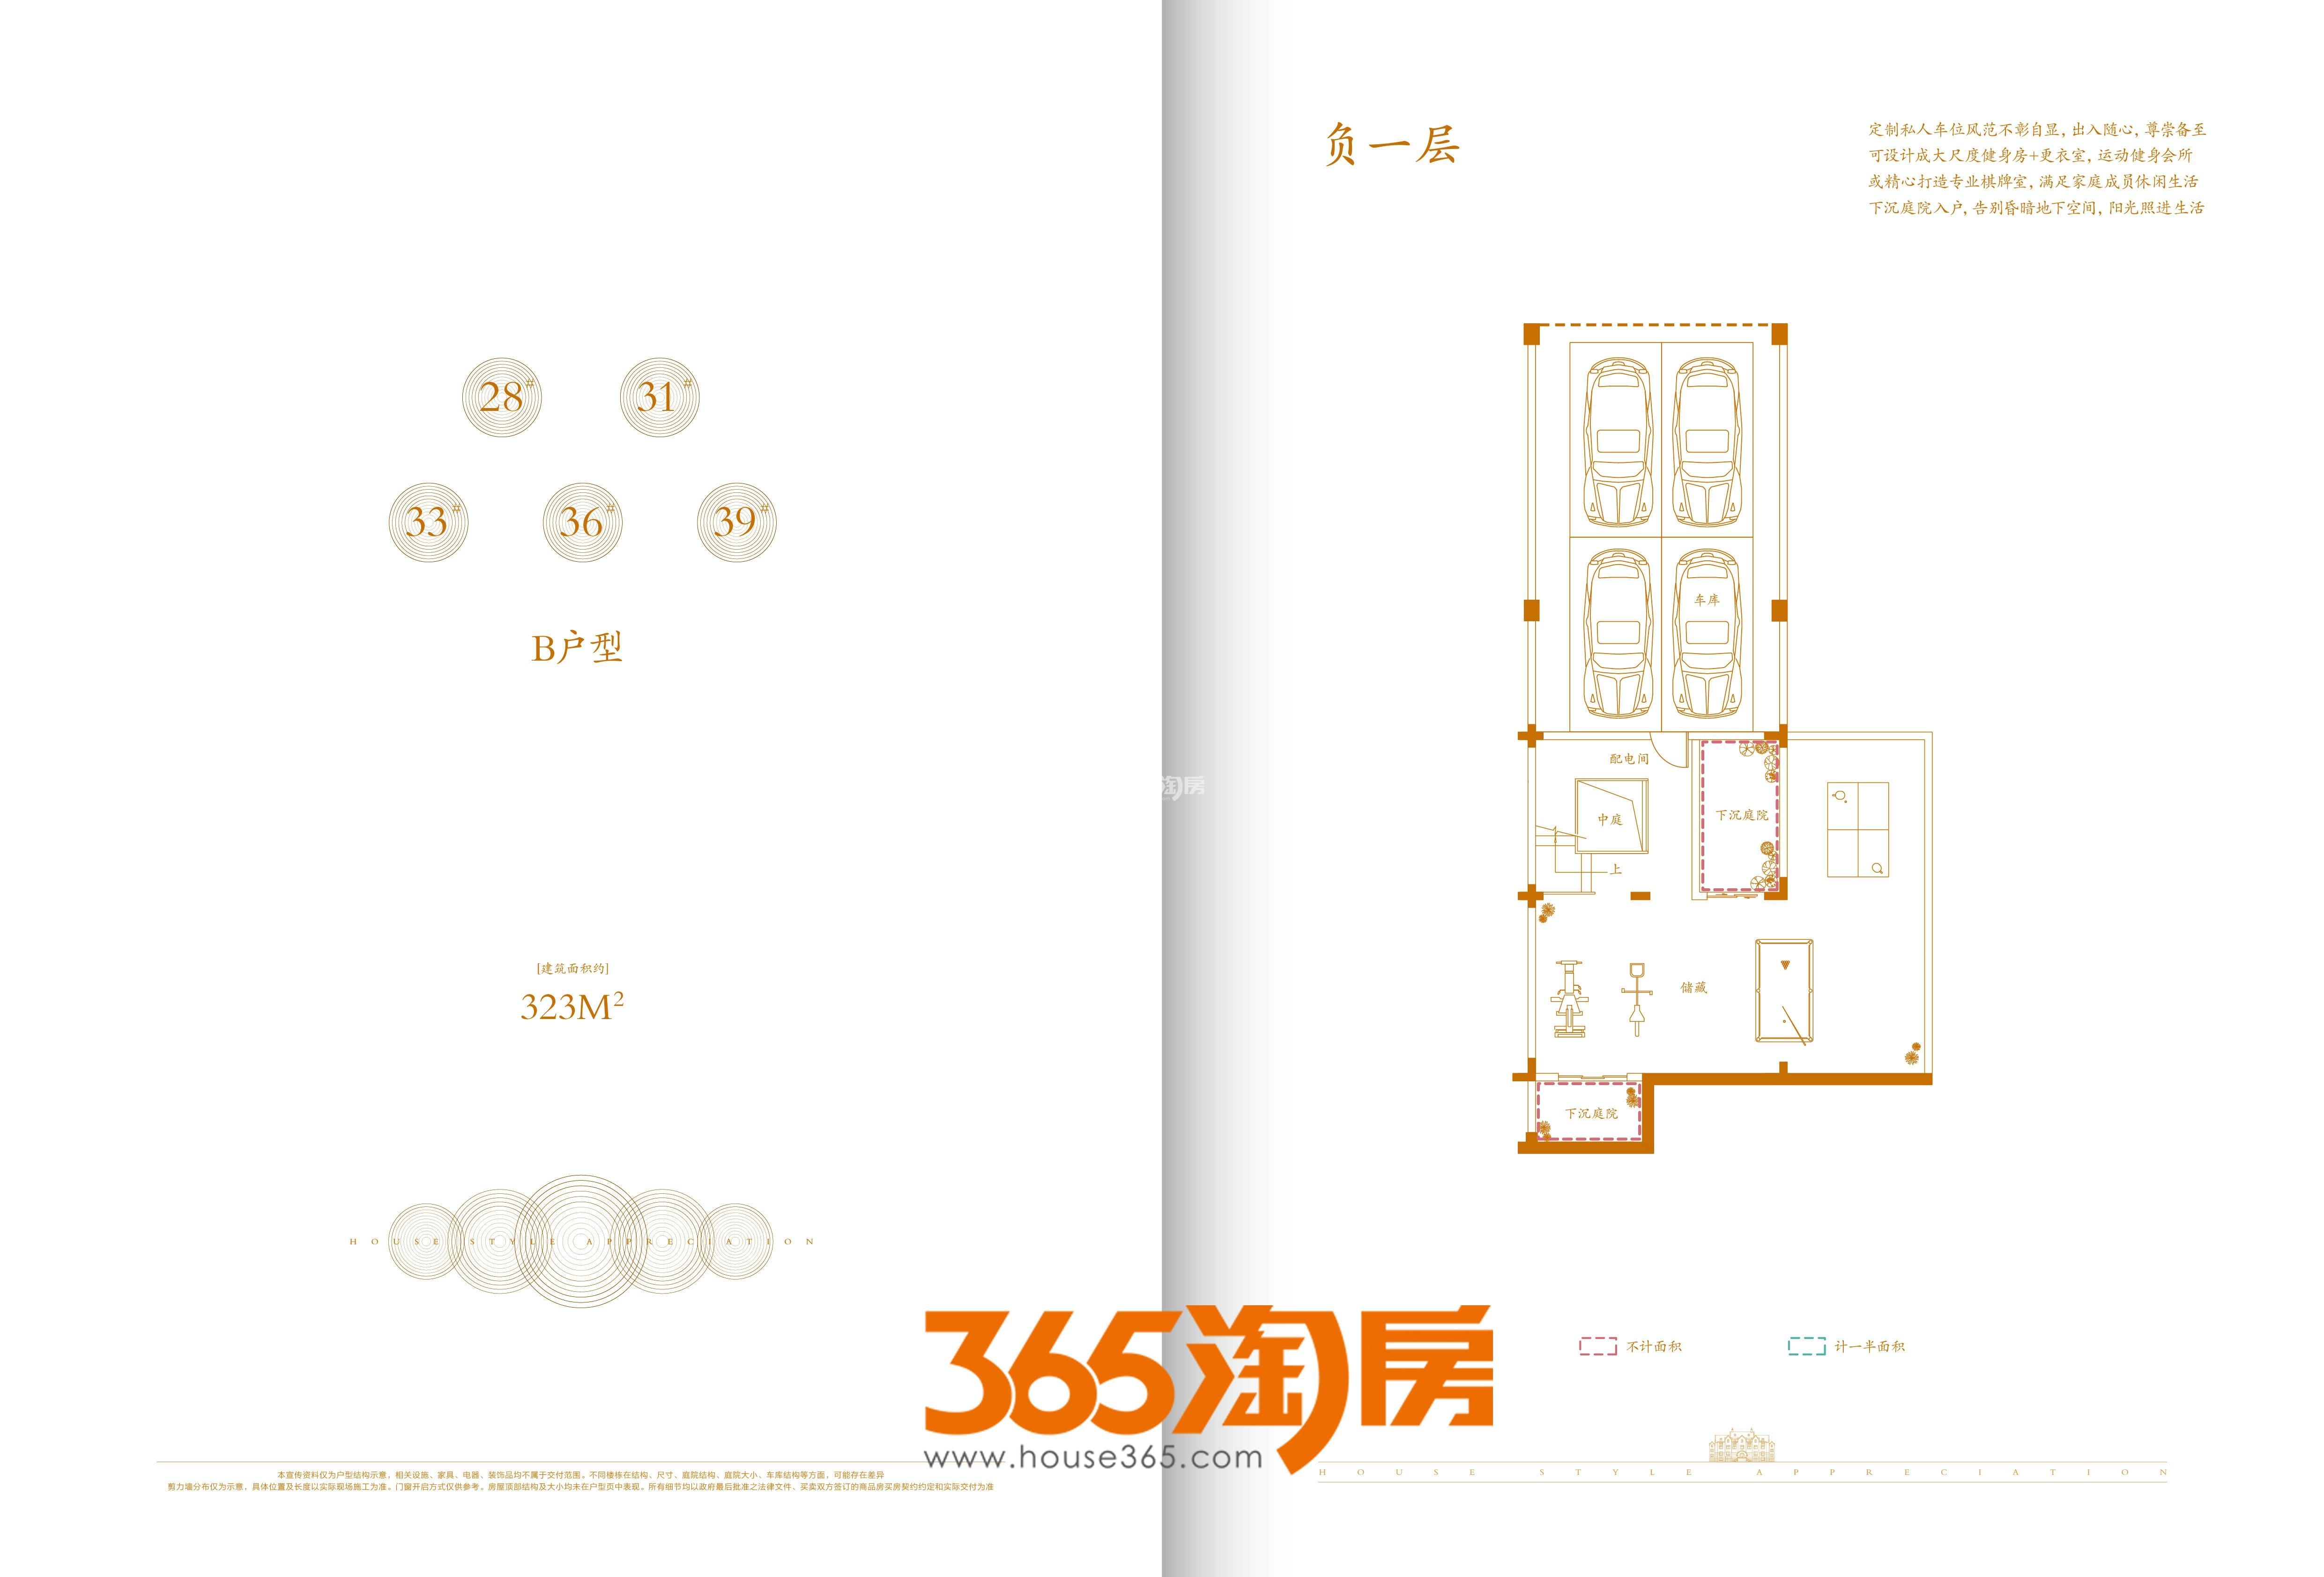 合肥云谷别墅323㎡负一层户型图